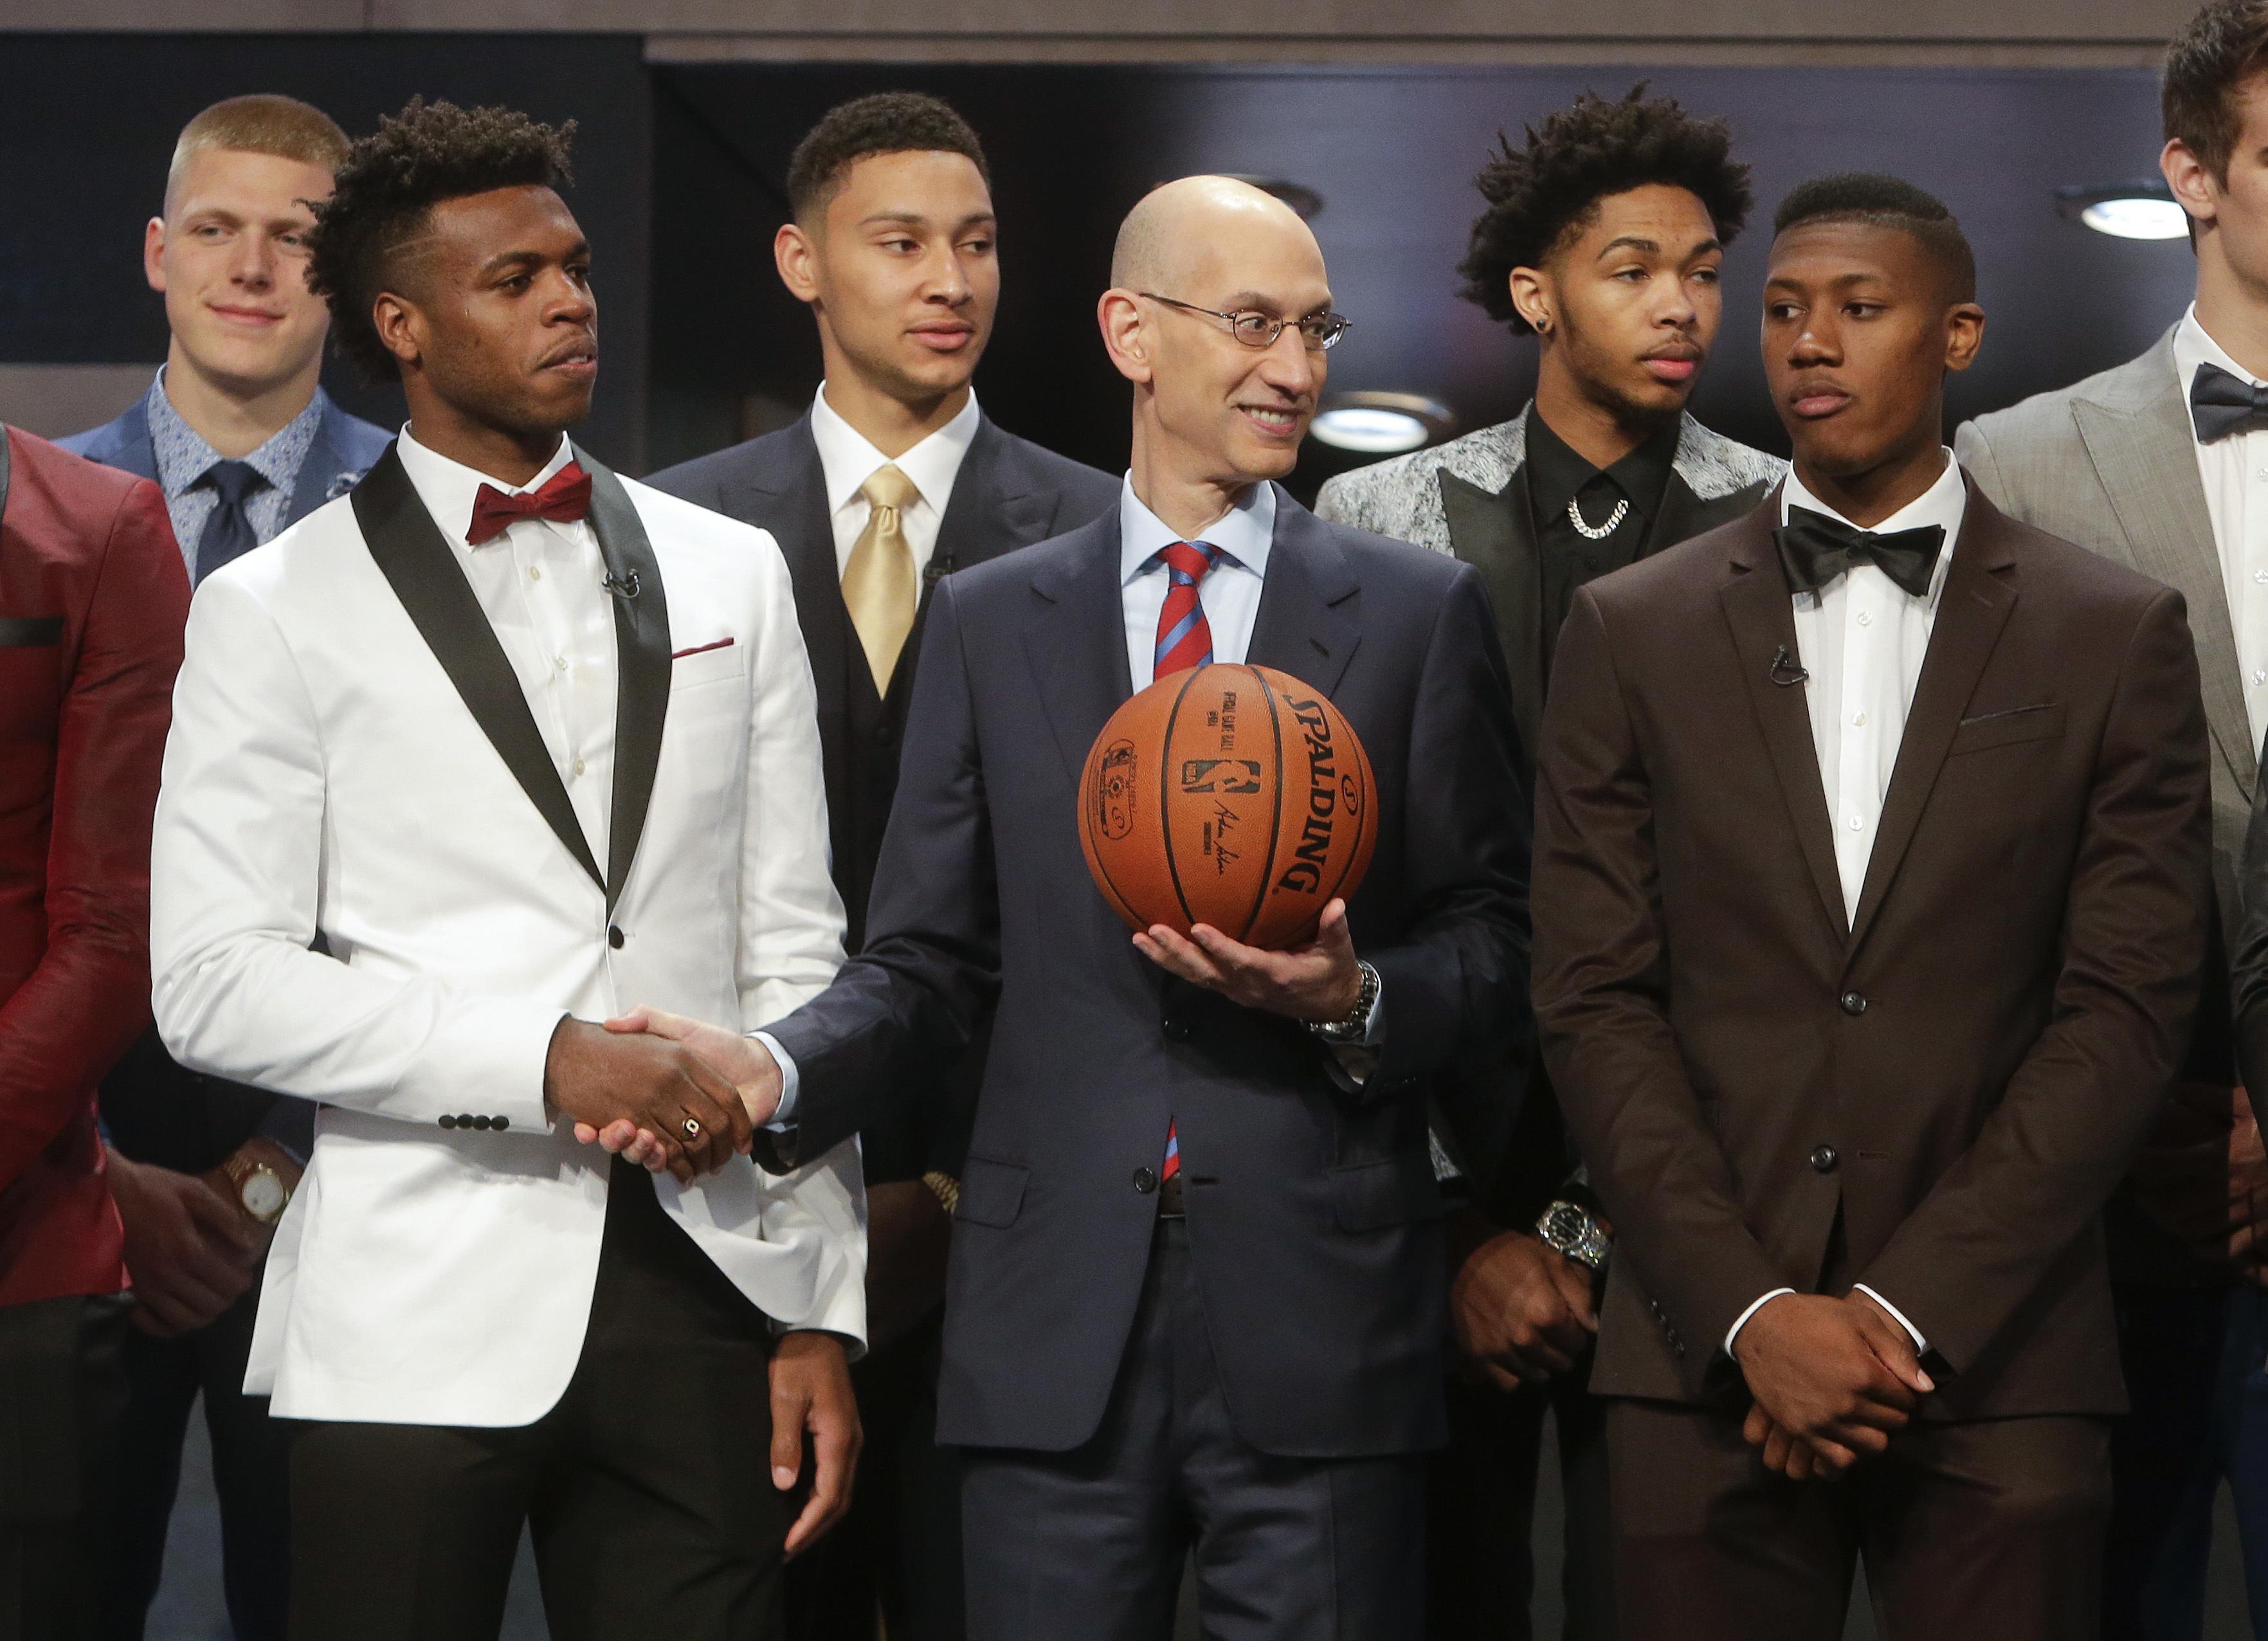 Nba_draft_basketball